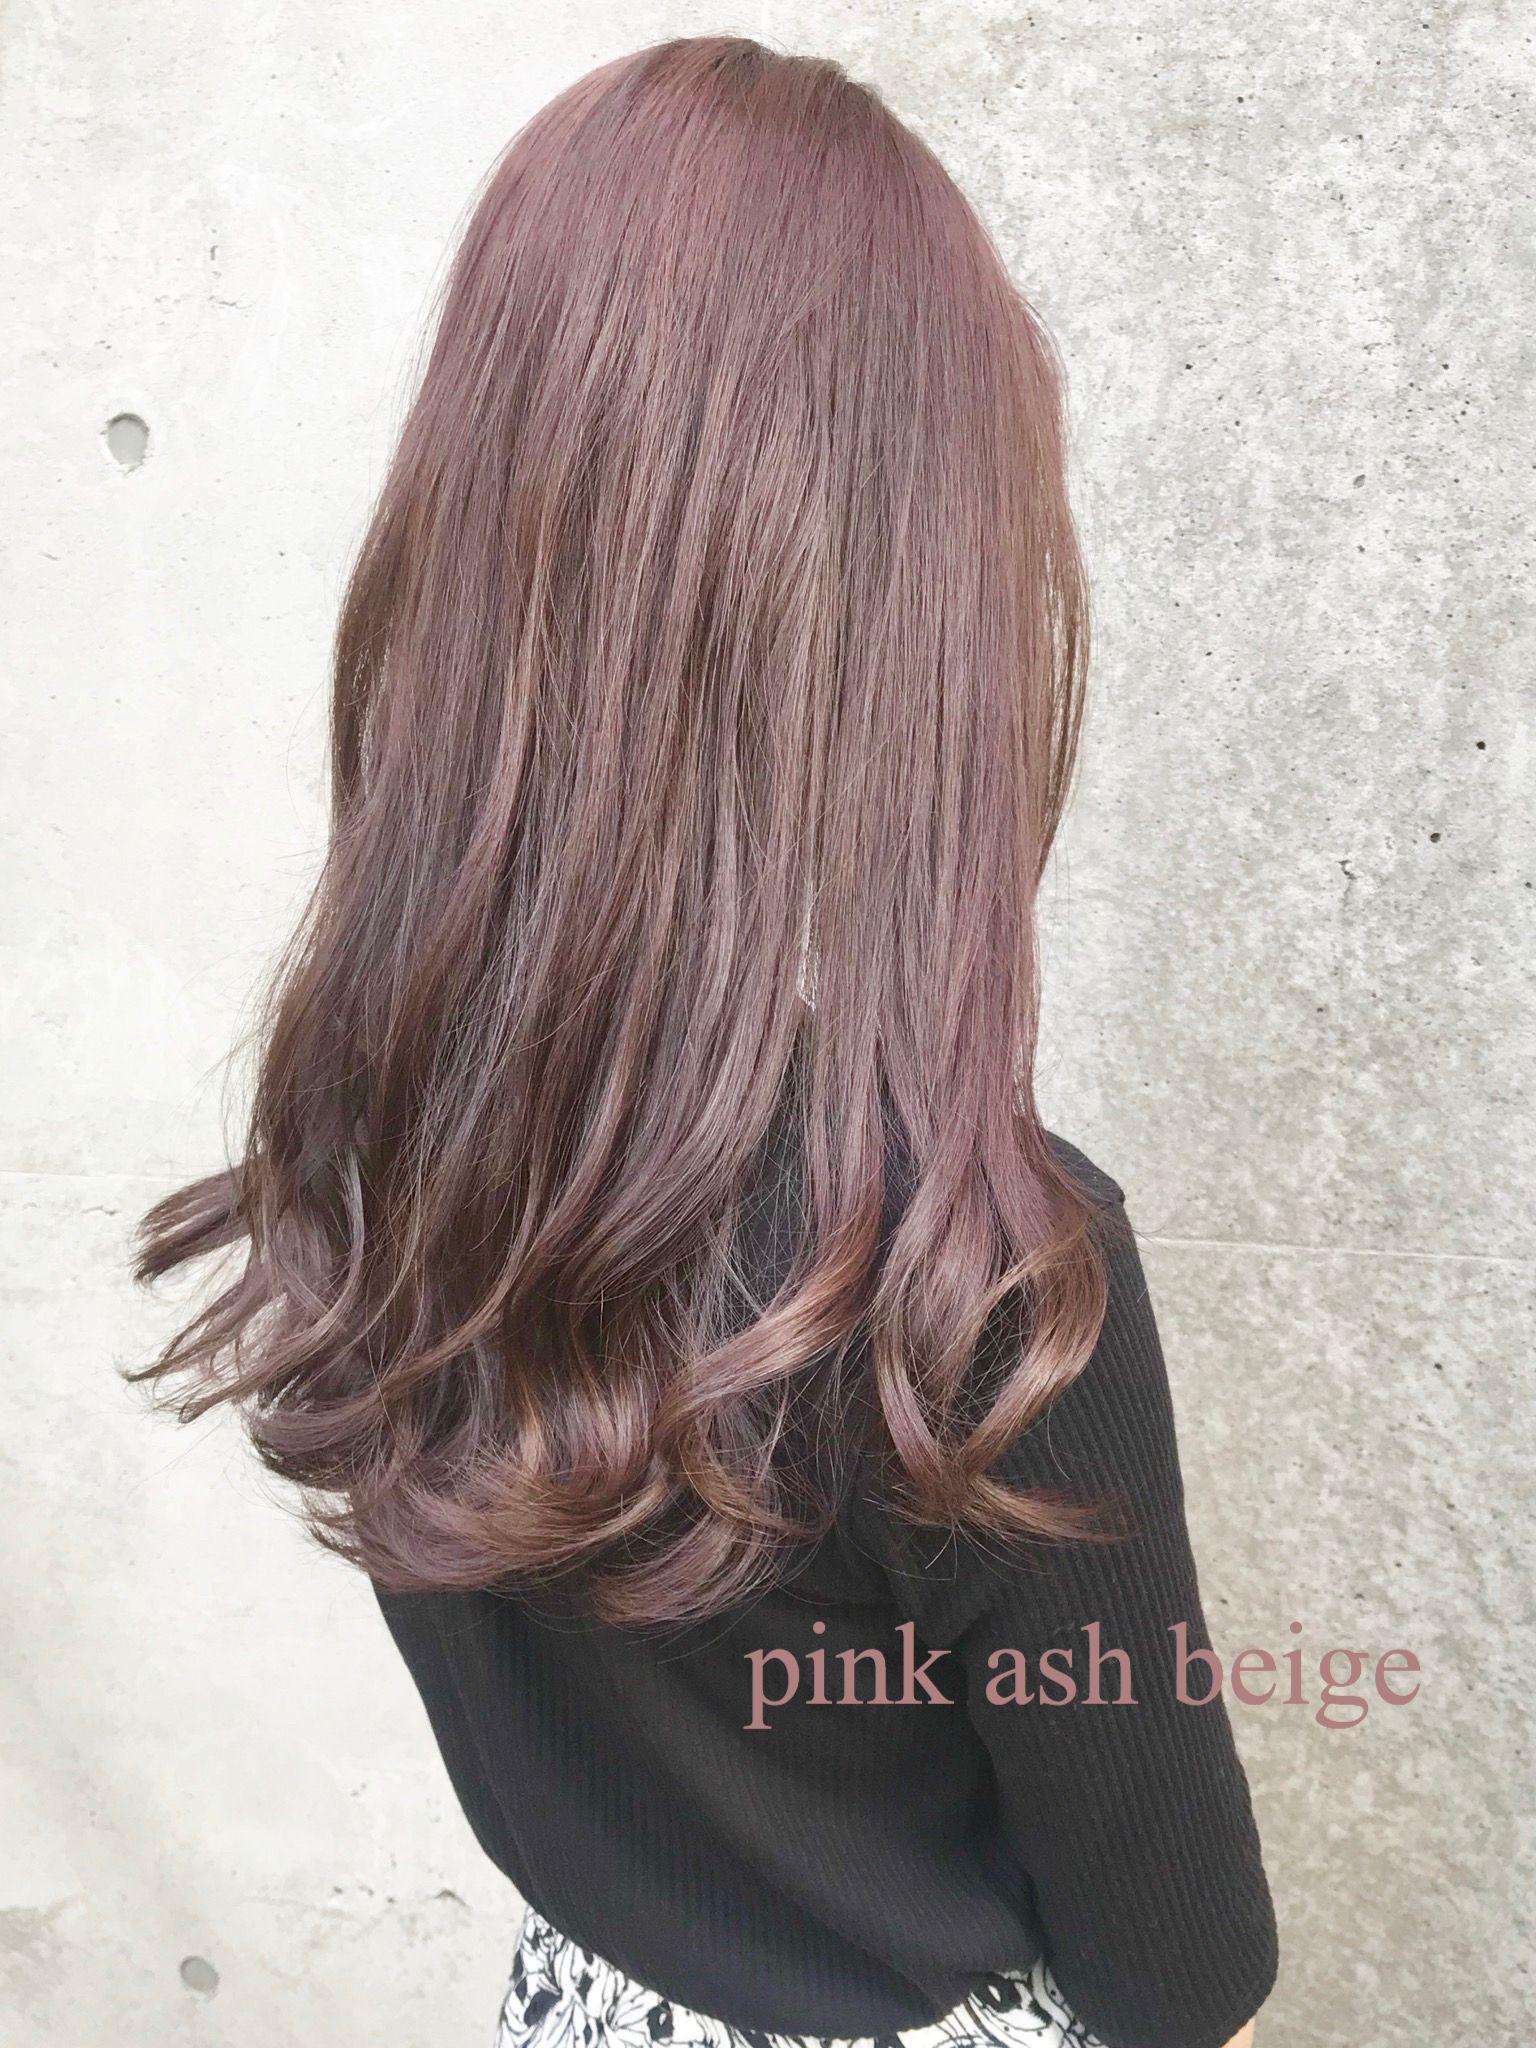 Flowers矢野 髪色 ピンク カラフルヘア ピンクベージュ ヘアカラー